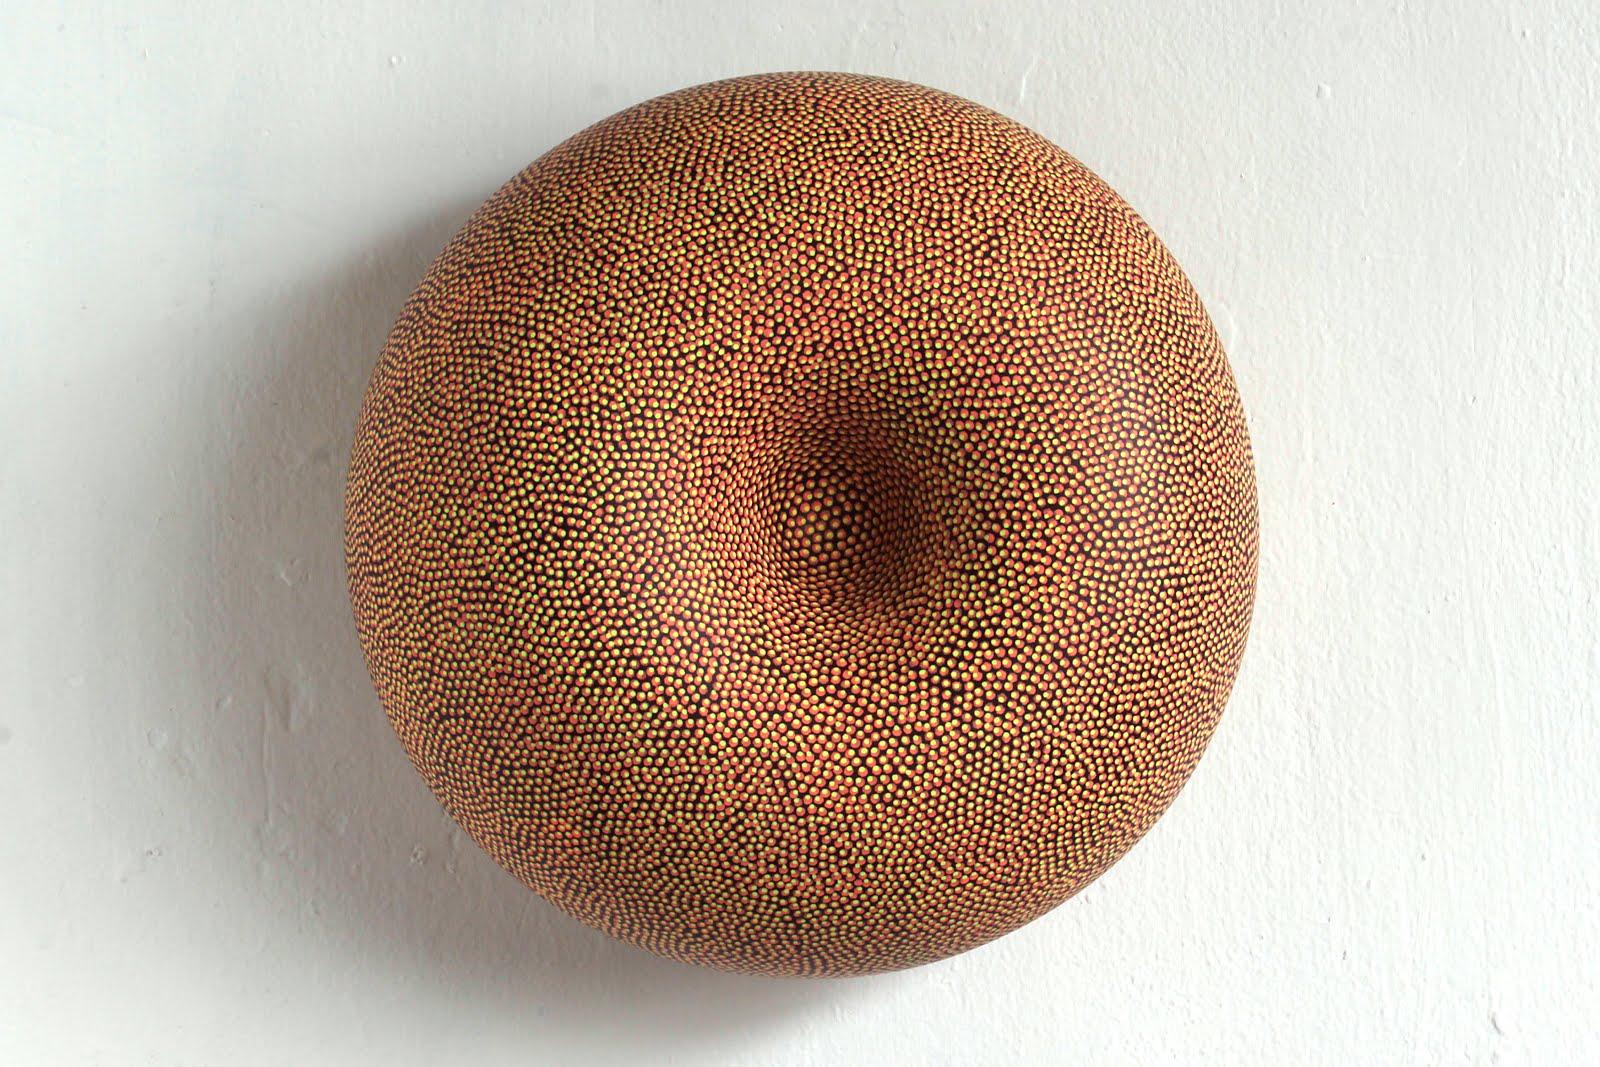 donut 2016